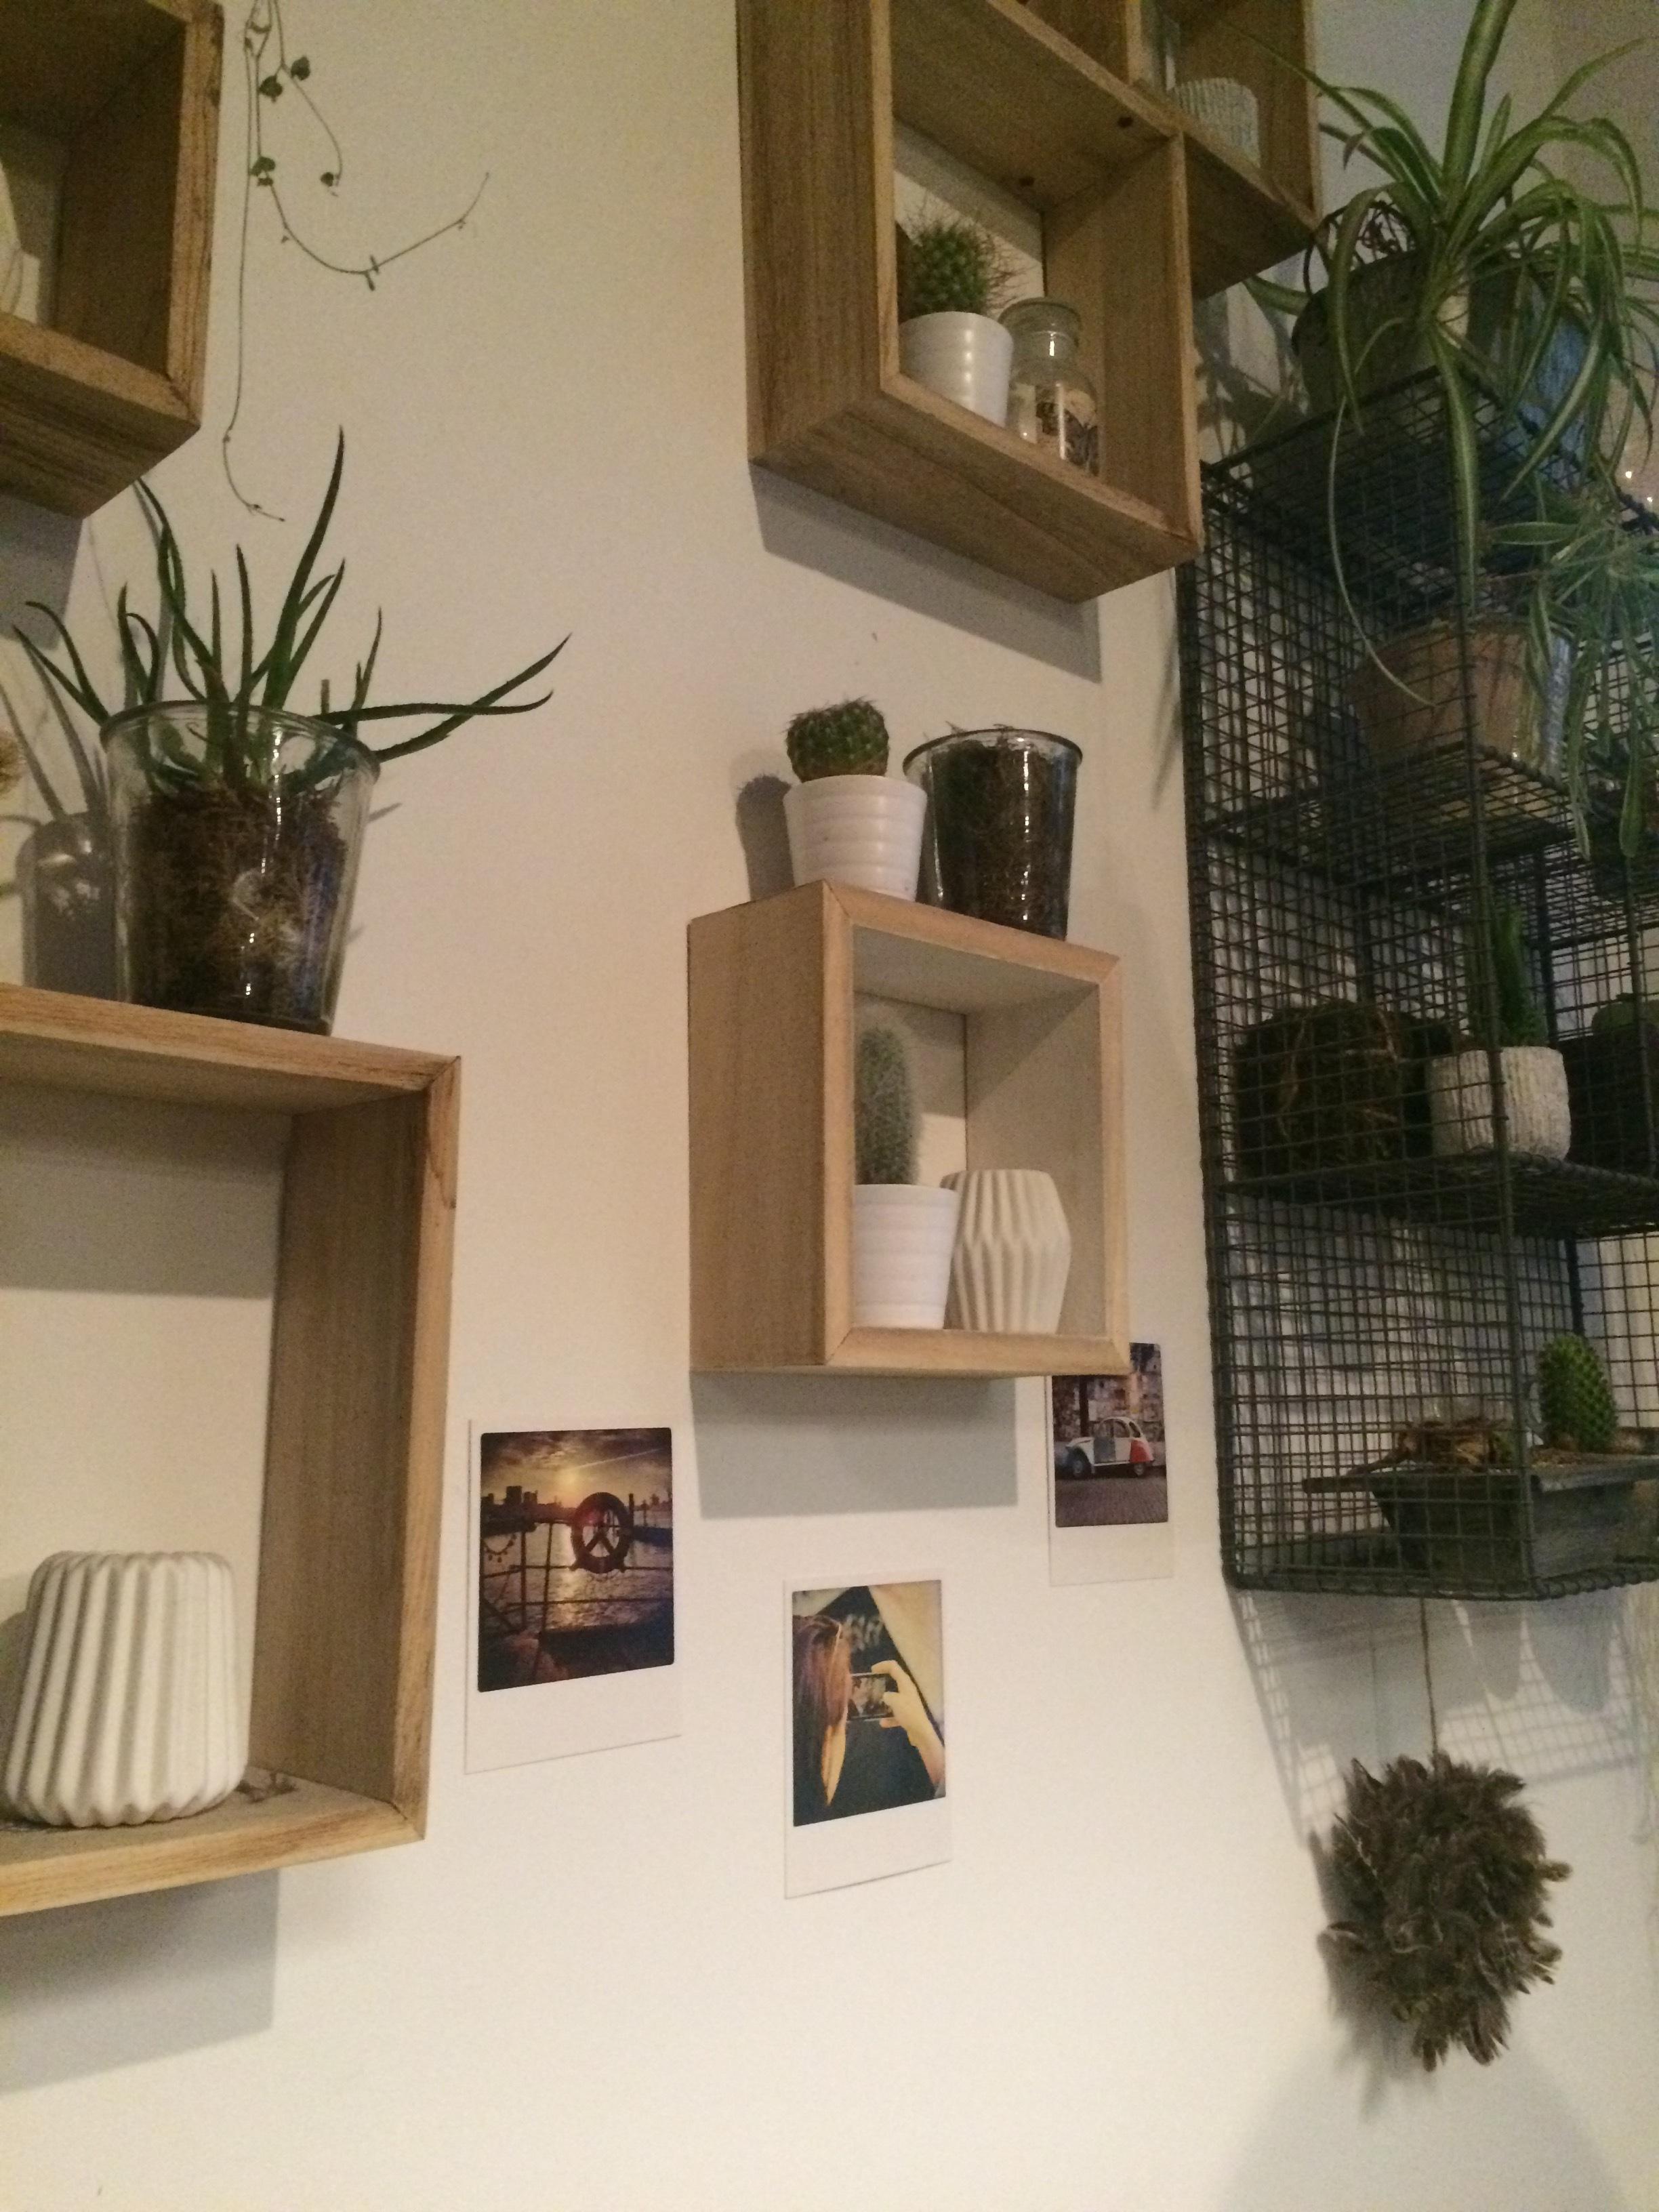 Urban Jungle An Der Wand Im Wohnzimmer #regal #wohnzimmer #wandgestaltung  #wanddeko #